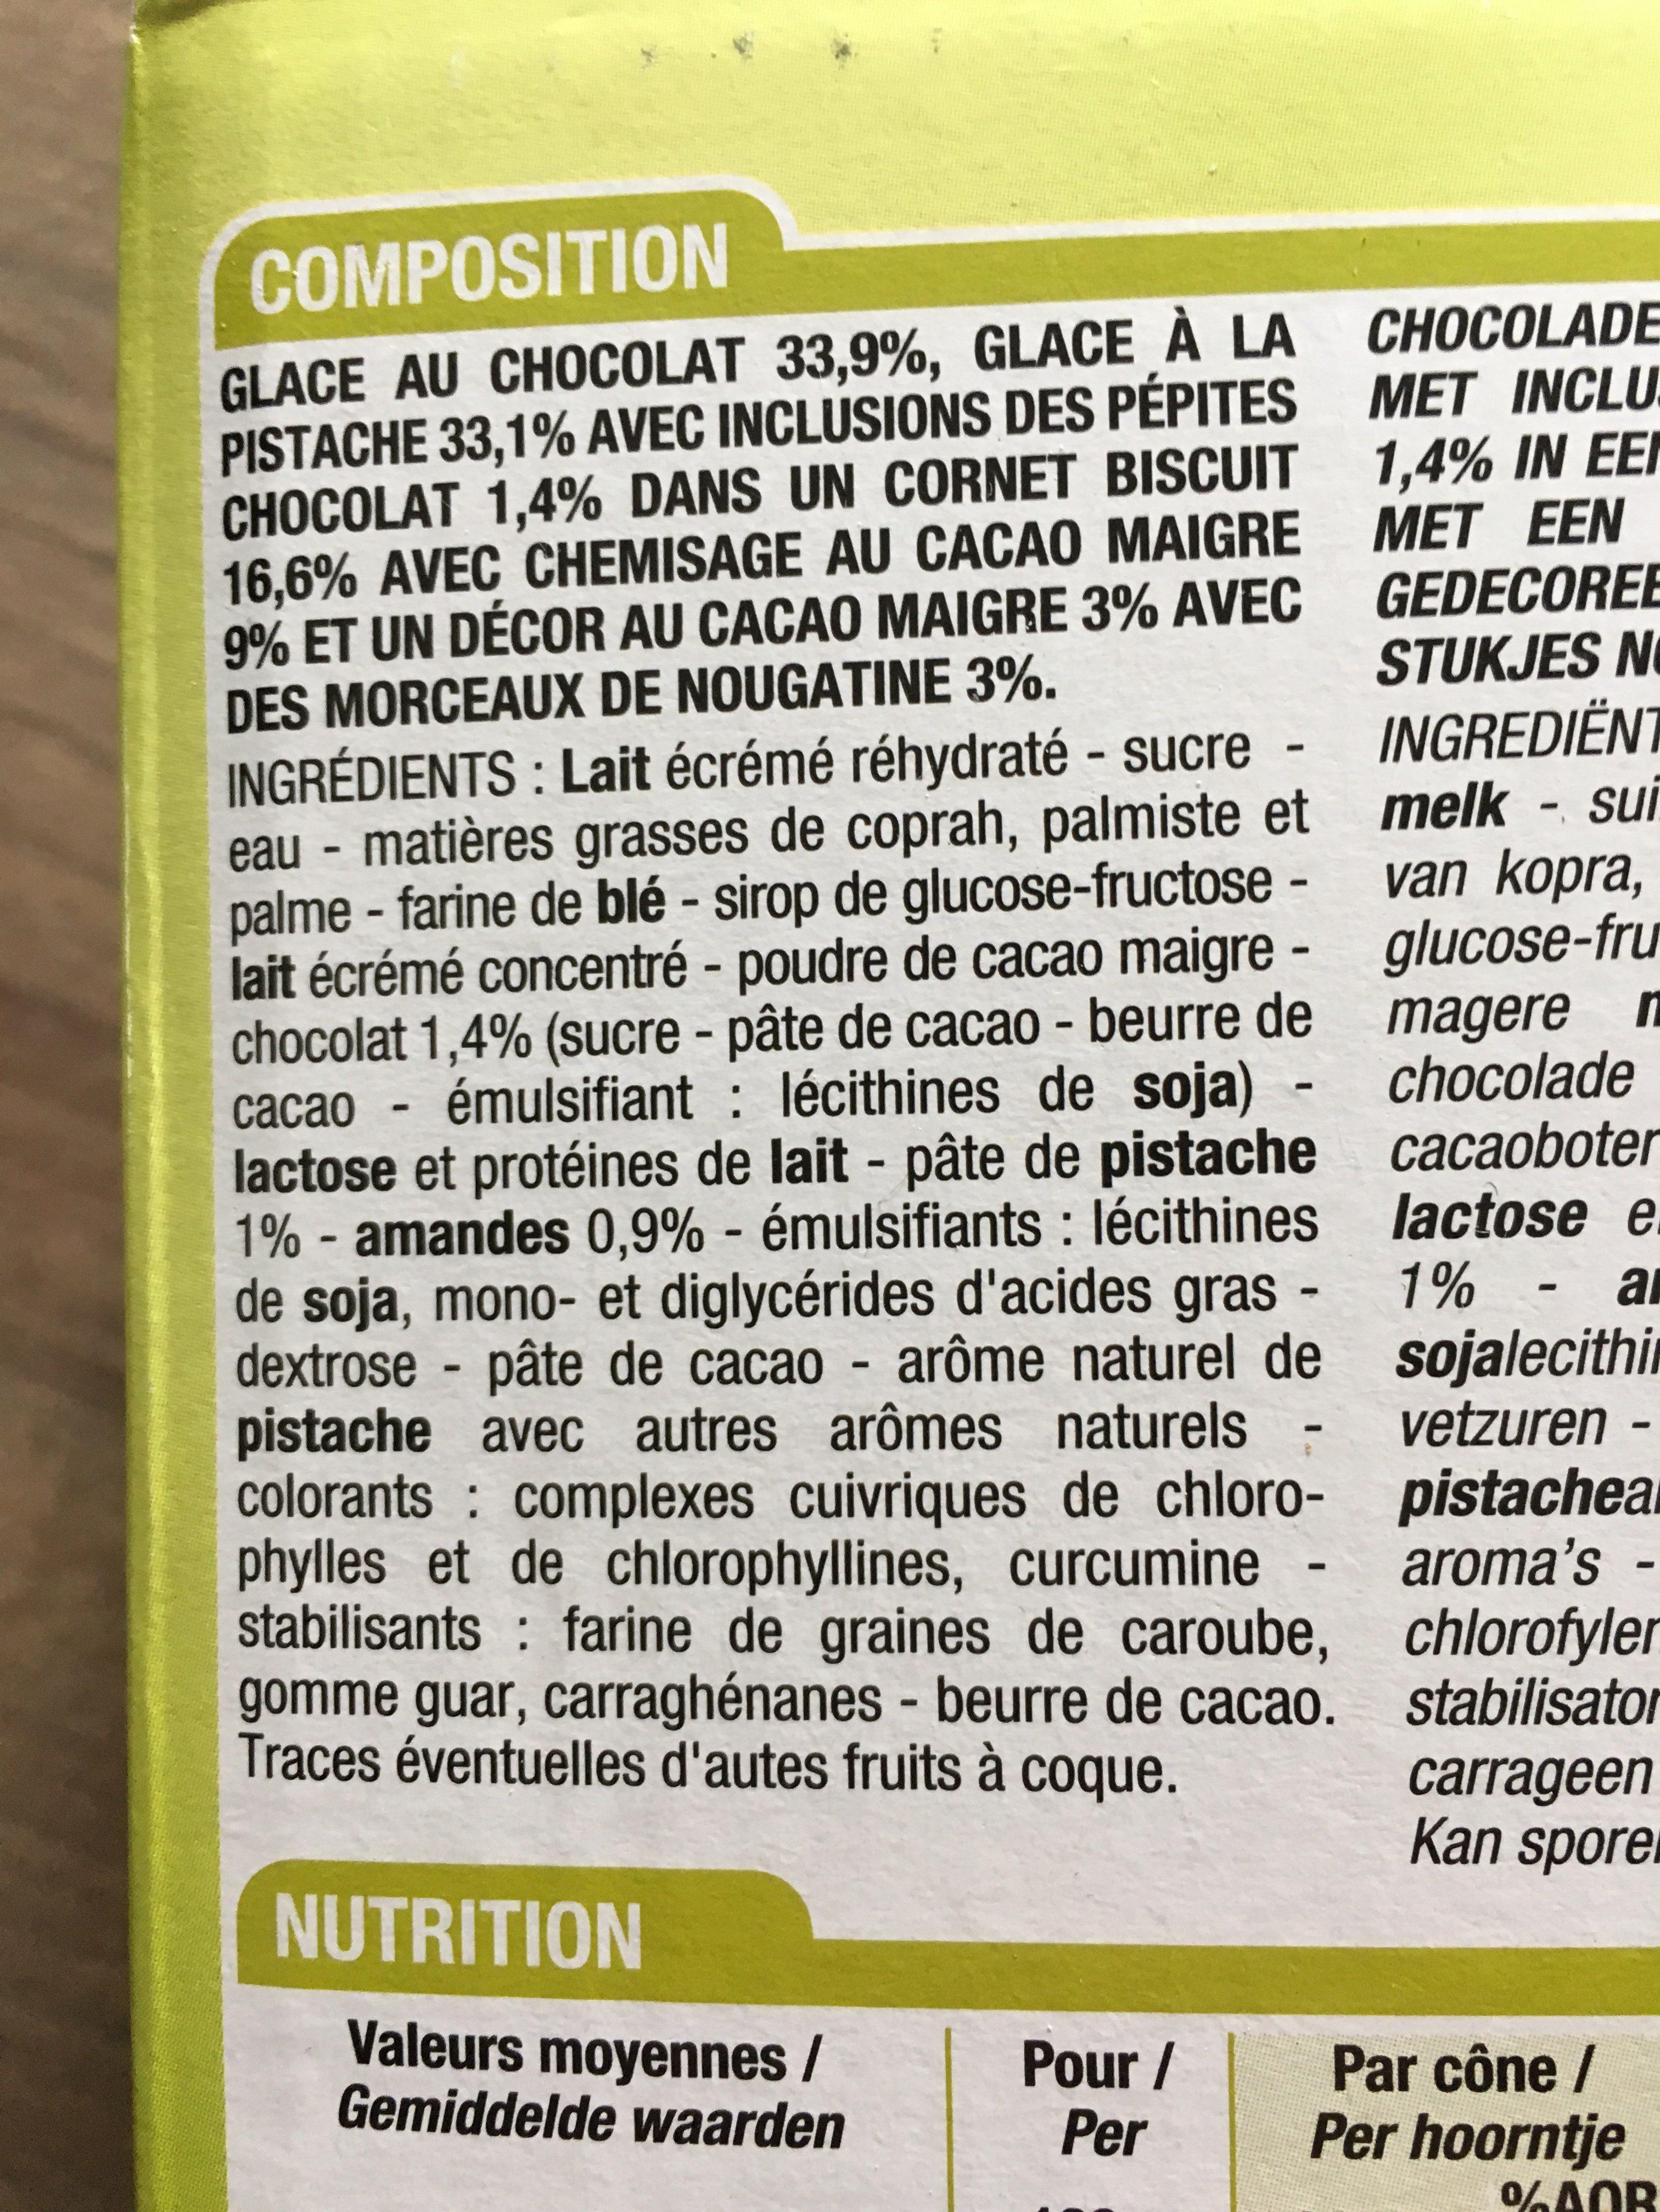 Cônes Chocolat / Pistache Feuilleté 6 Fois 120 Millilitres 6 Fois 120 Millilitres - Ingredients